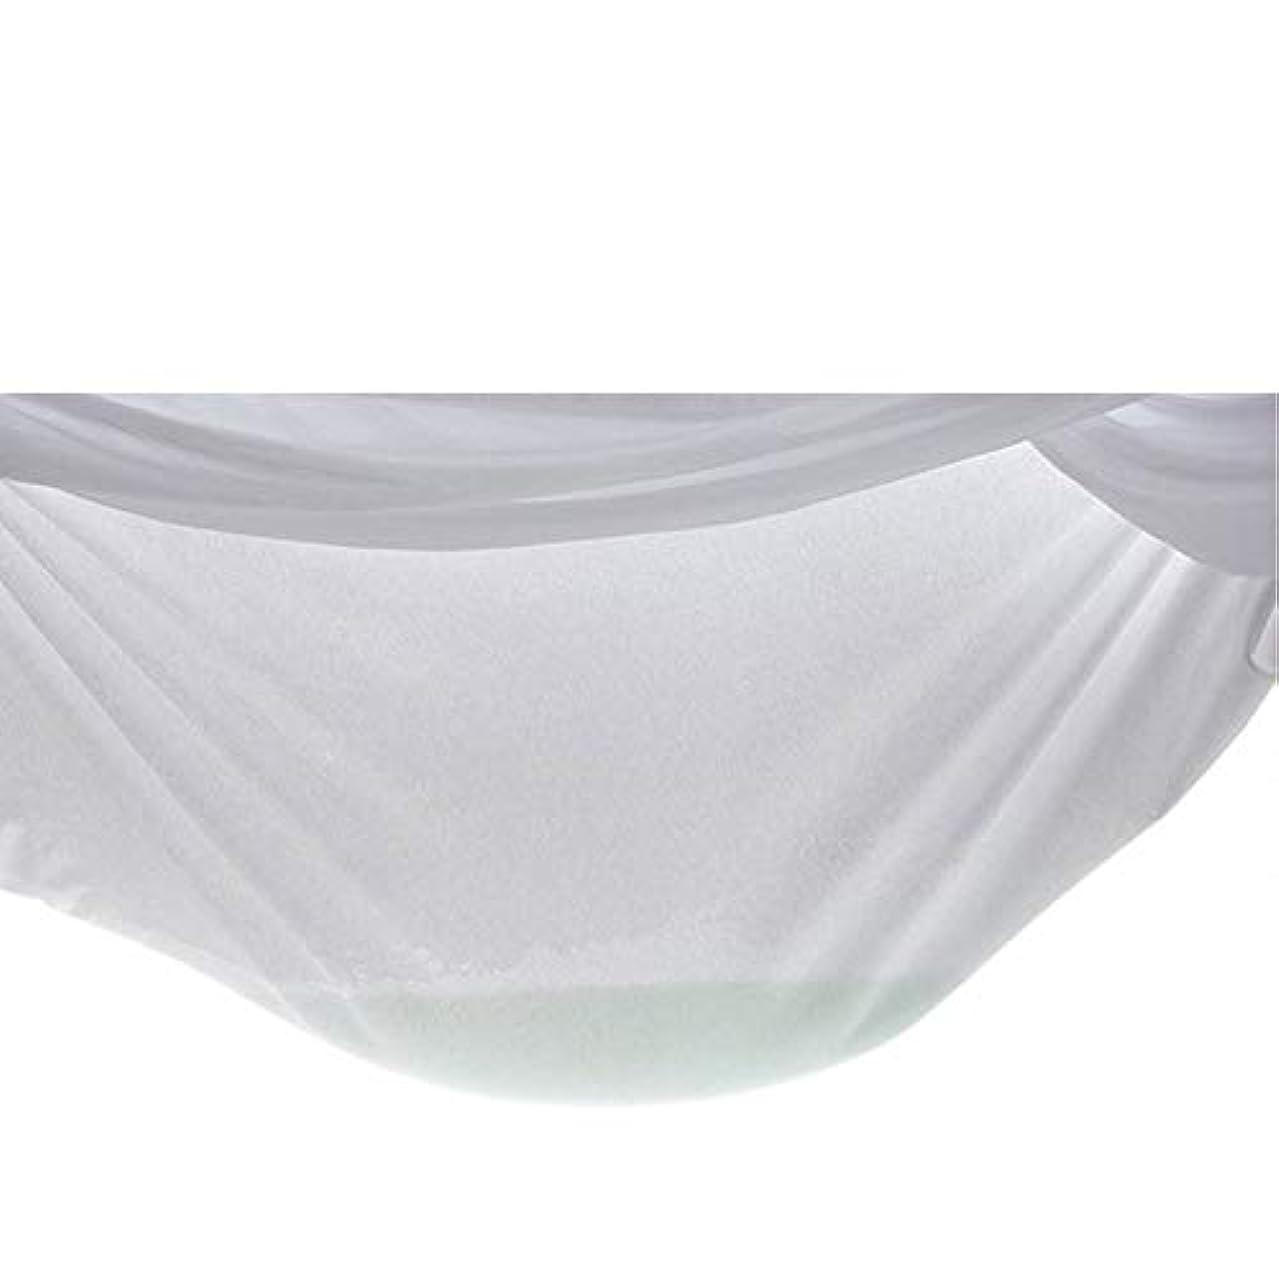 同化するスタウト靴防水ソリッドカラーベッドカバー家具ソファベッドダストカバー不織布不織布ダストカバー装飾大カバー-ホワイト122 * 190 + 20Cm